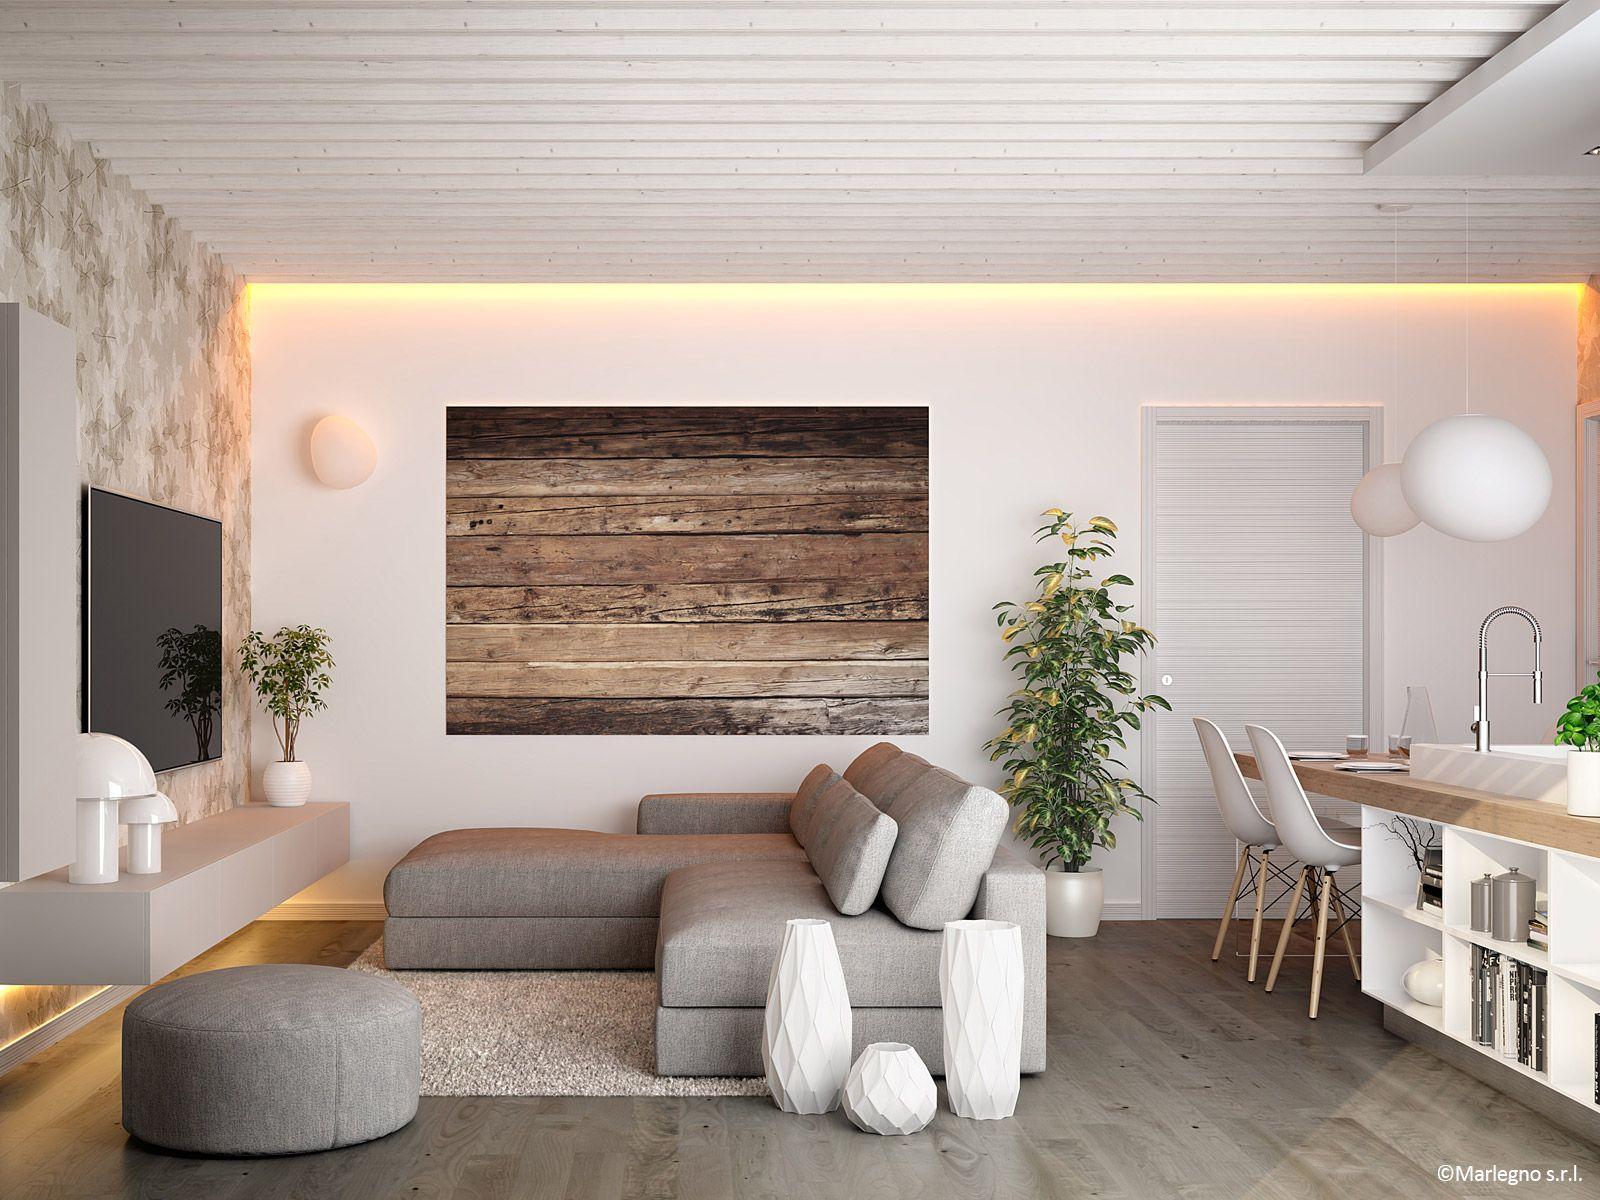 Soffitti In Legno Moderni : Soffitti in legno bianco soffitti in legno bianco with